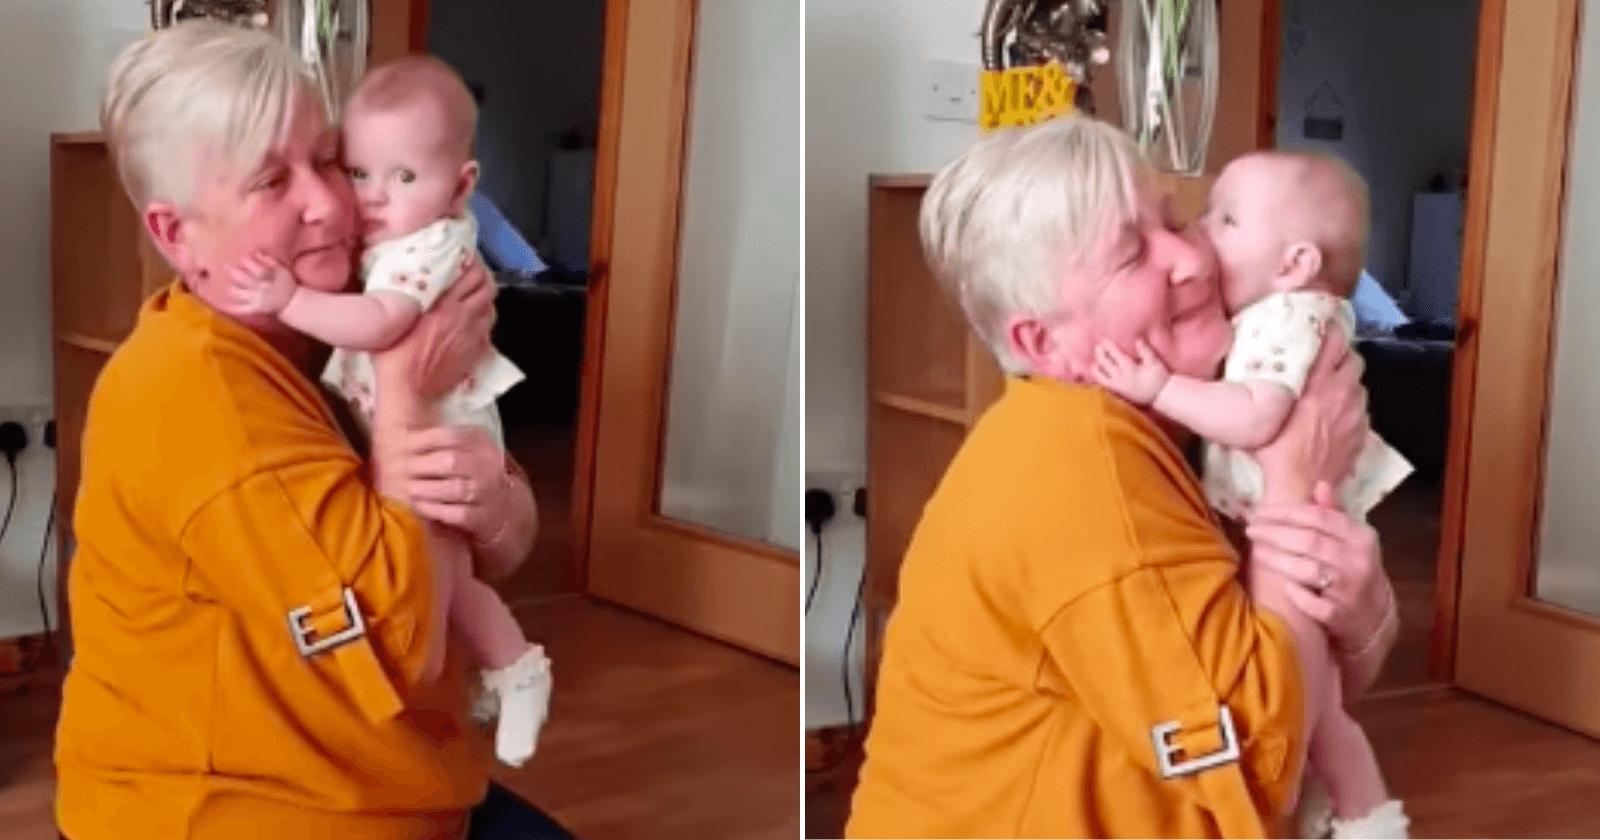 Seguindo ordens da mãe, bebê ataca vovô de forma fofa e HILÁRIA